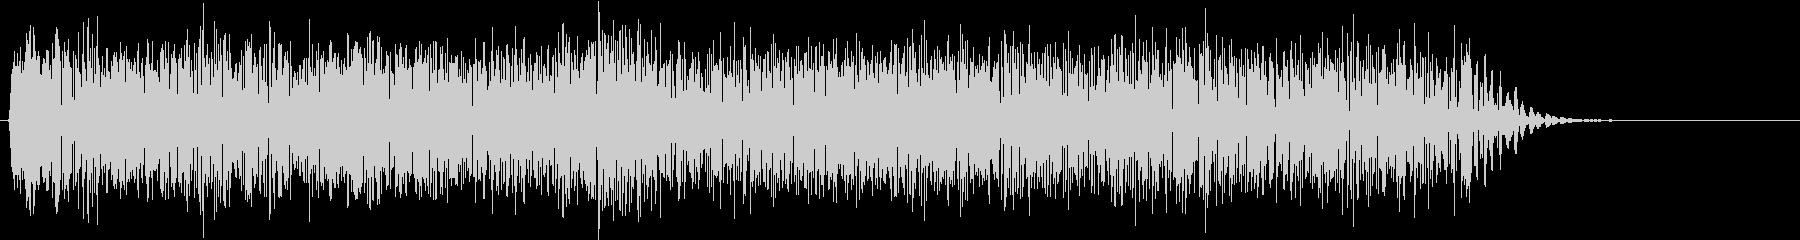 ギター エレキ ギューン スライドの未再生の波形